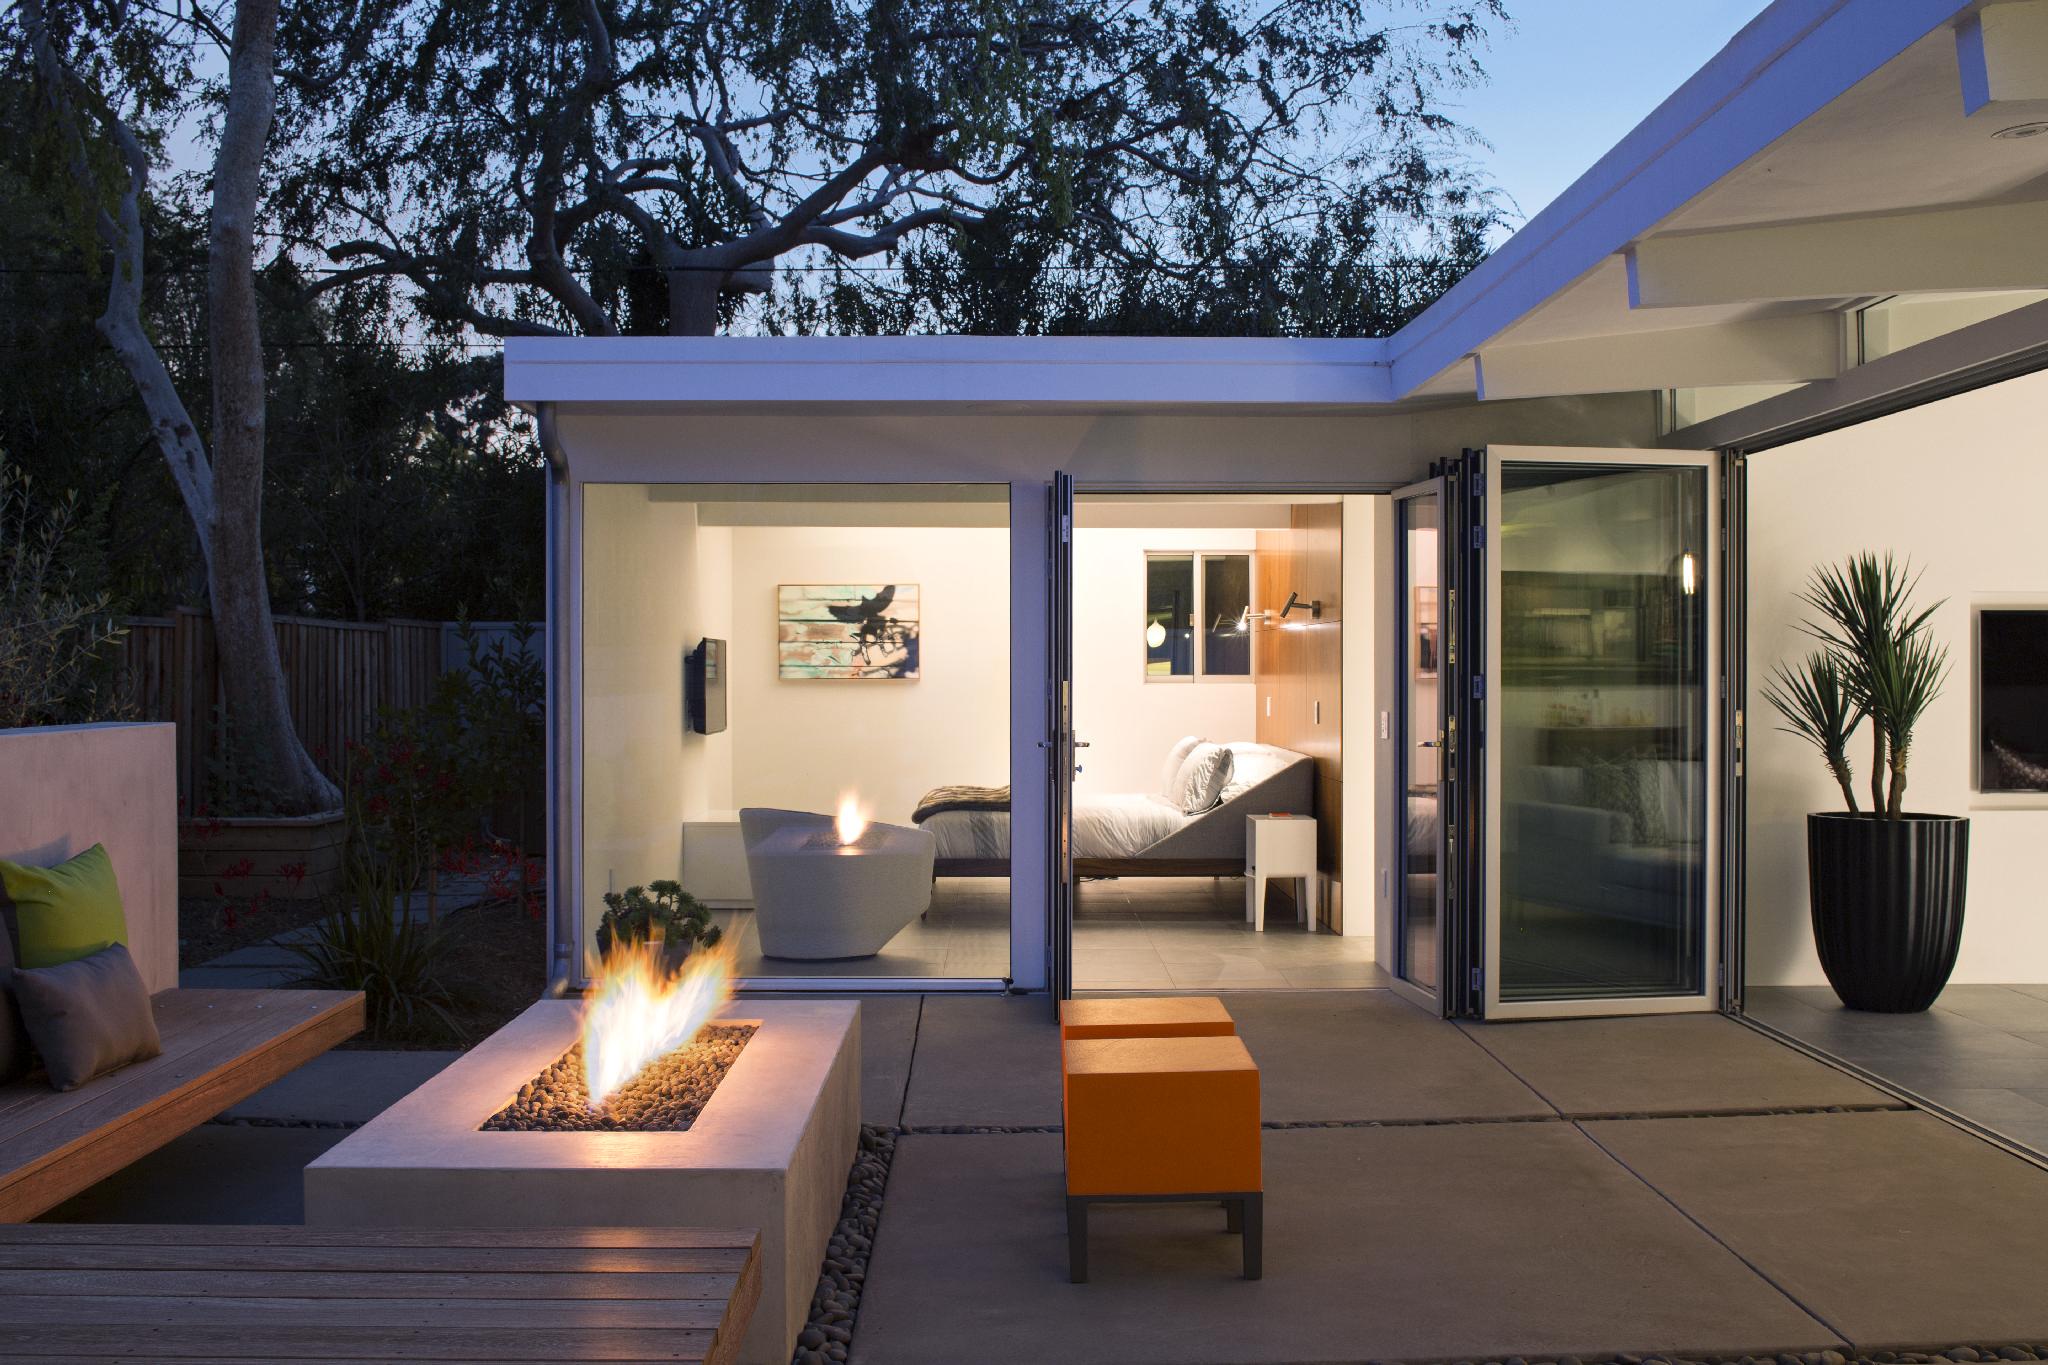 Outdoor Living Space Design 5 amazing benefits of indoor/outdoor living | nanawall